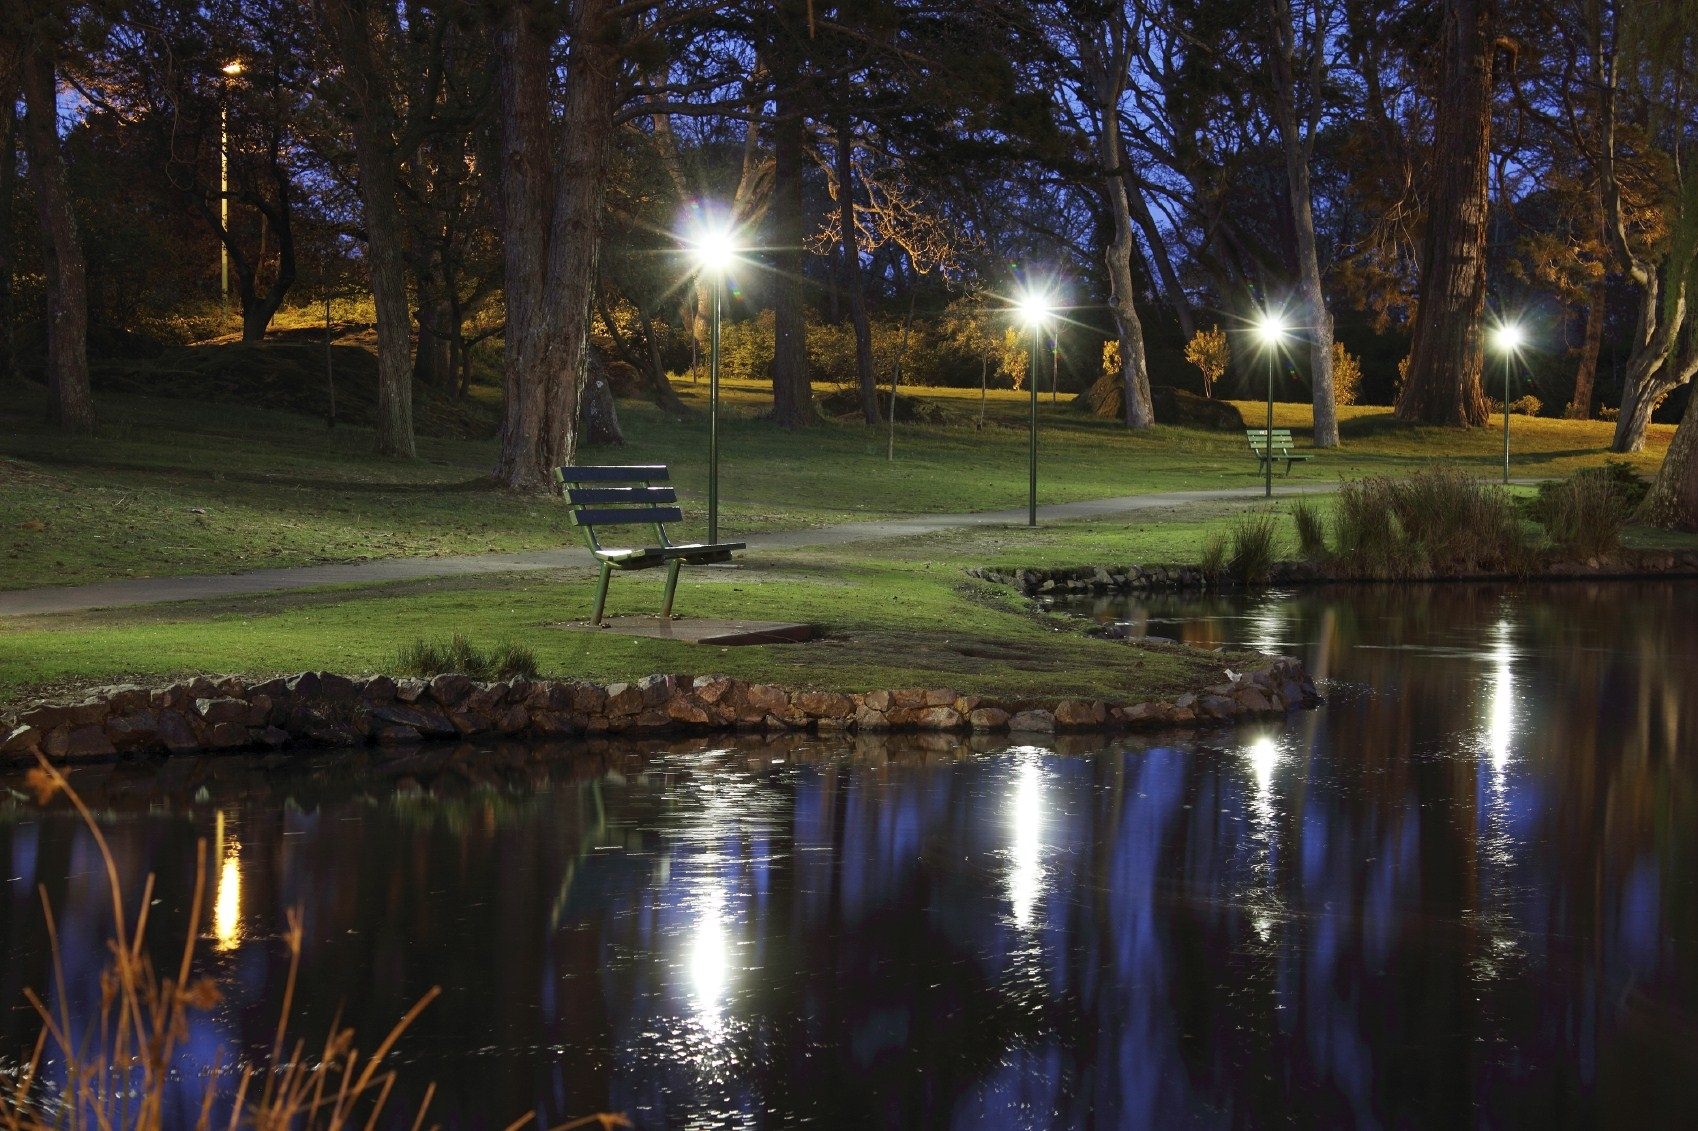 Luci per il giardino illuminazione giardino luci giardino - Luci da giardino ikea ...